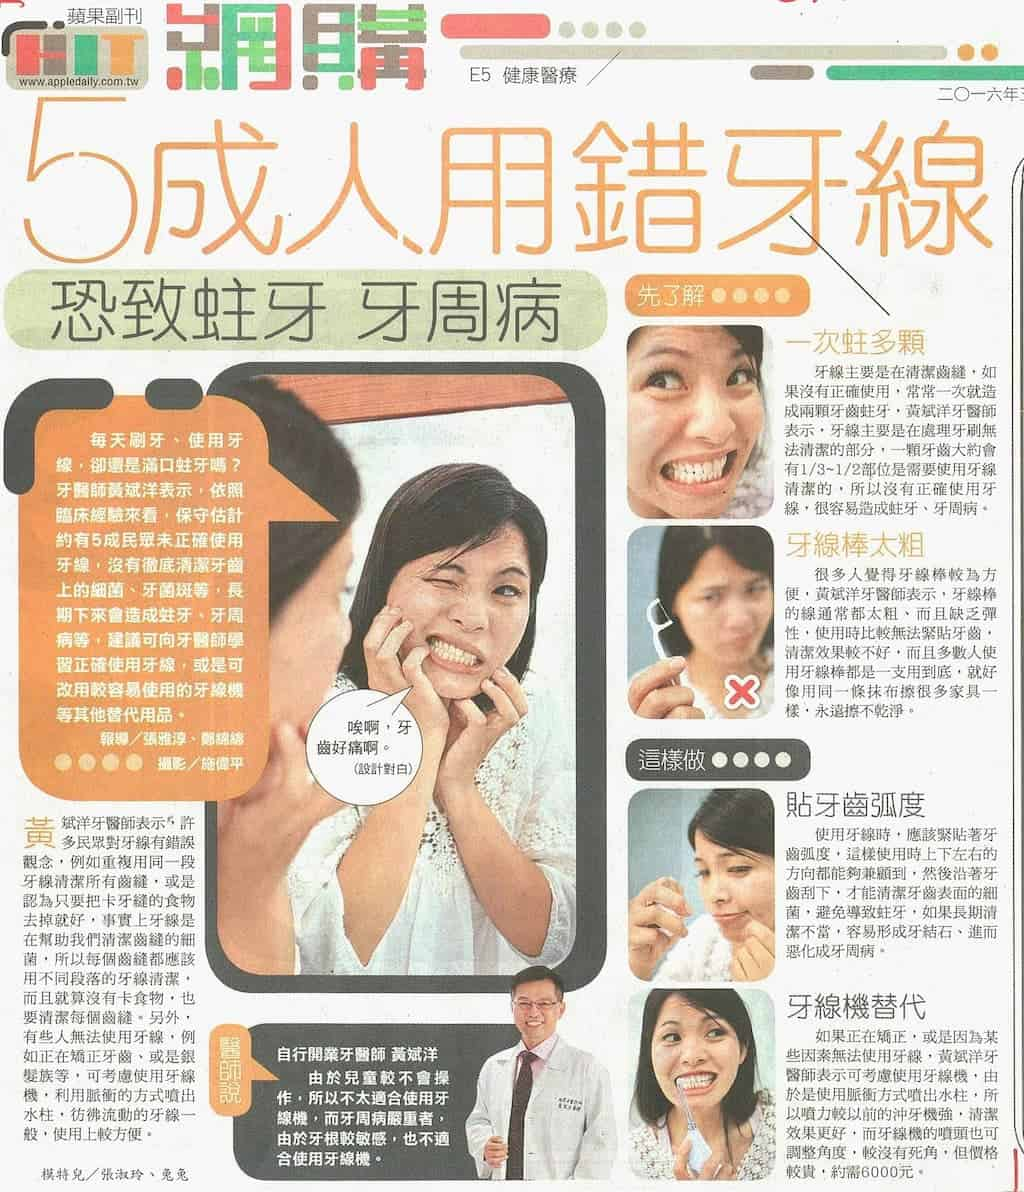 5成人用錯牙線-恐致蛀牙-牙周病-柏登牙醫-正確使用牙線-1